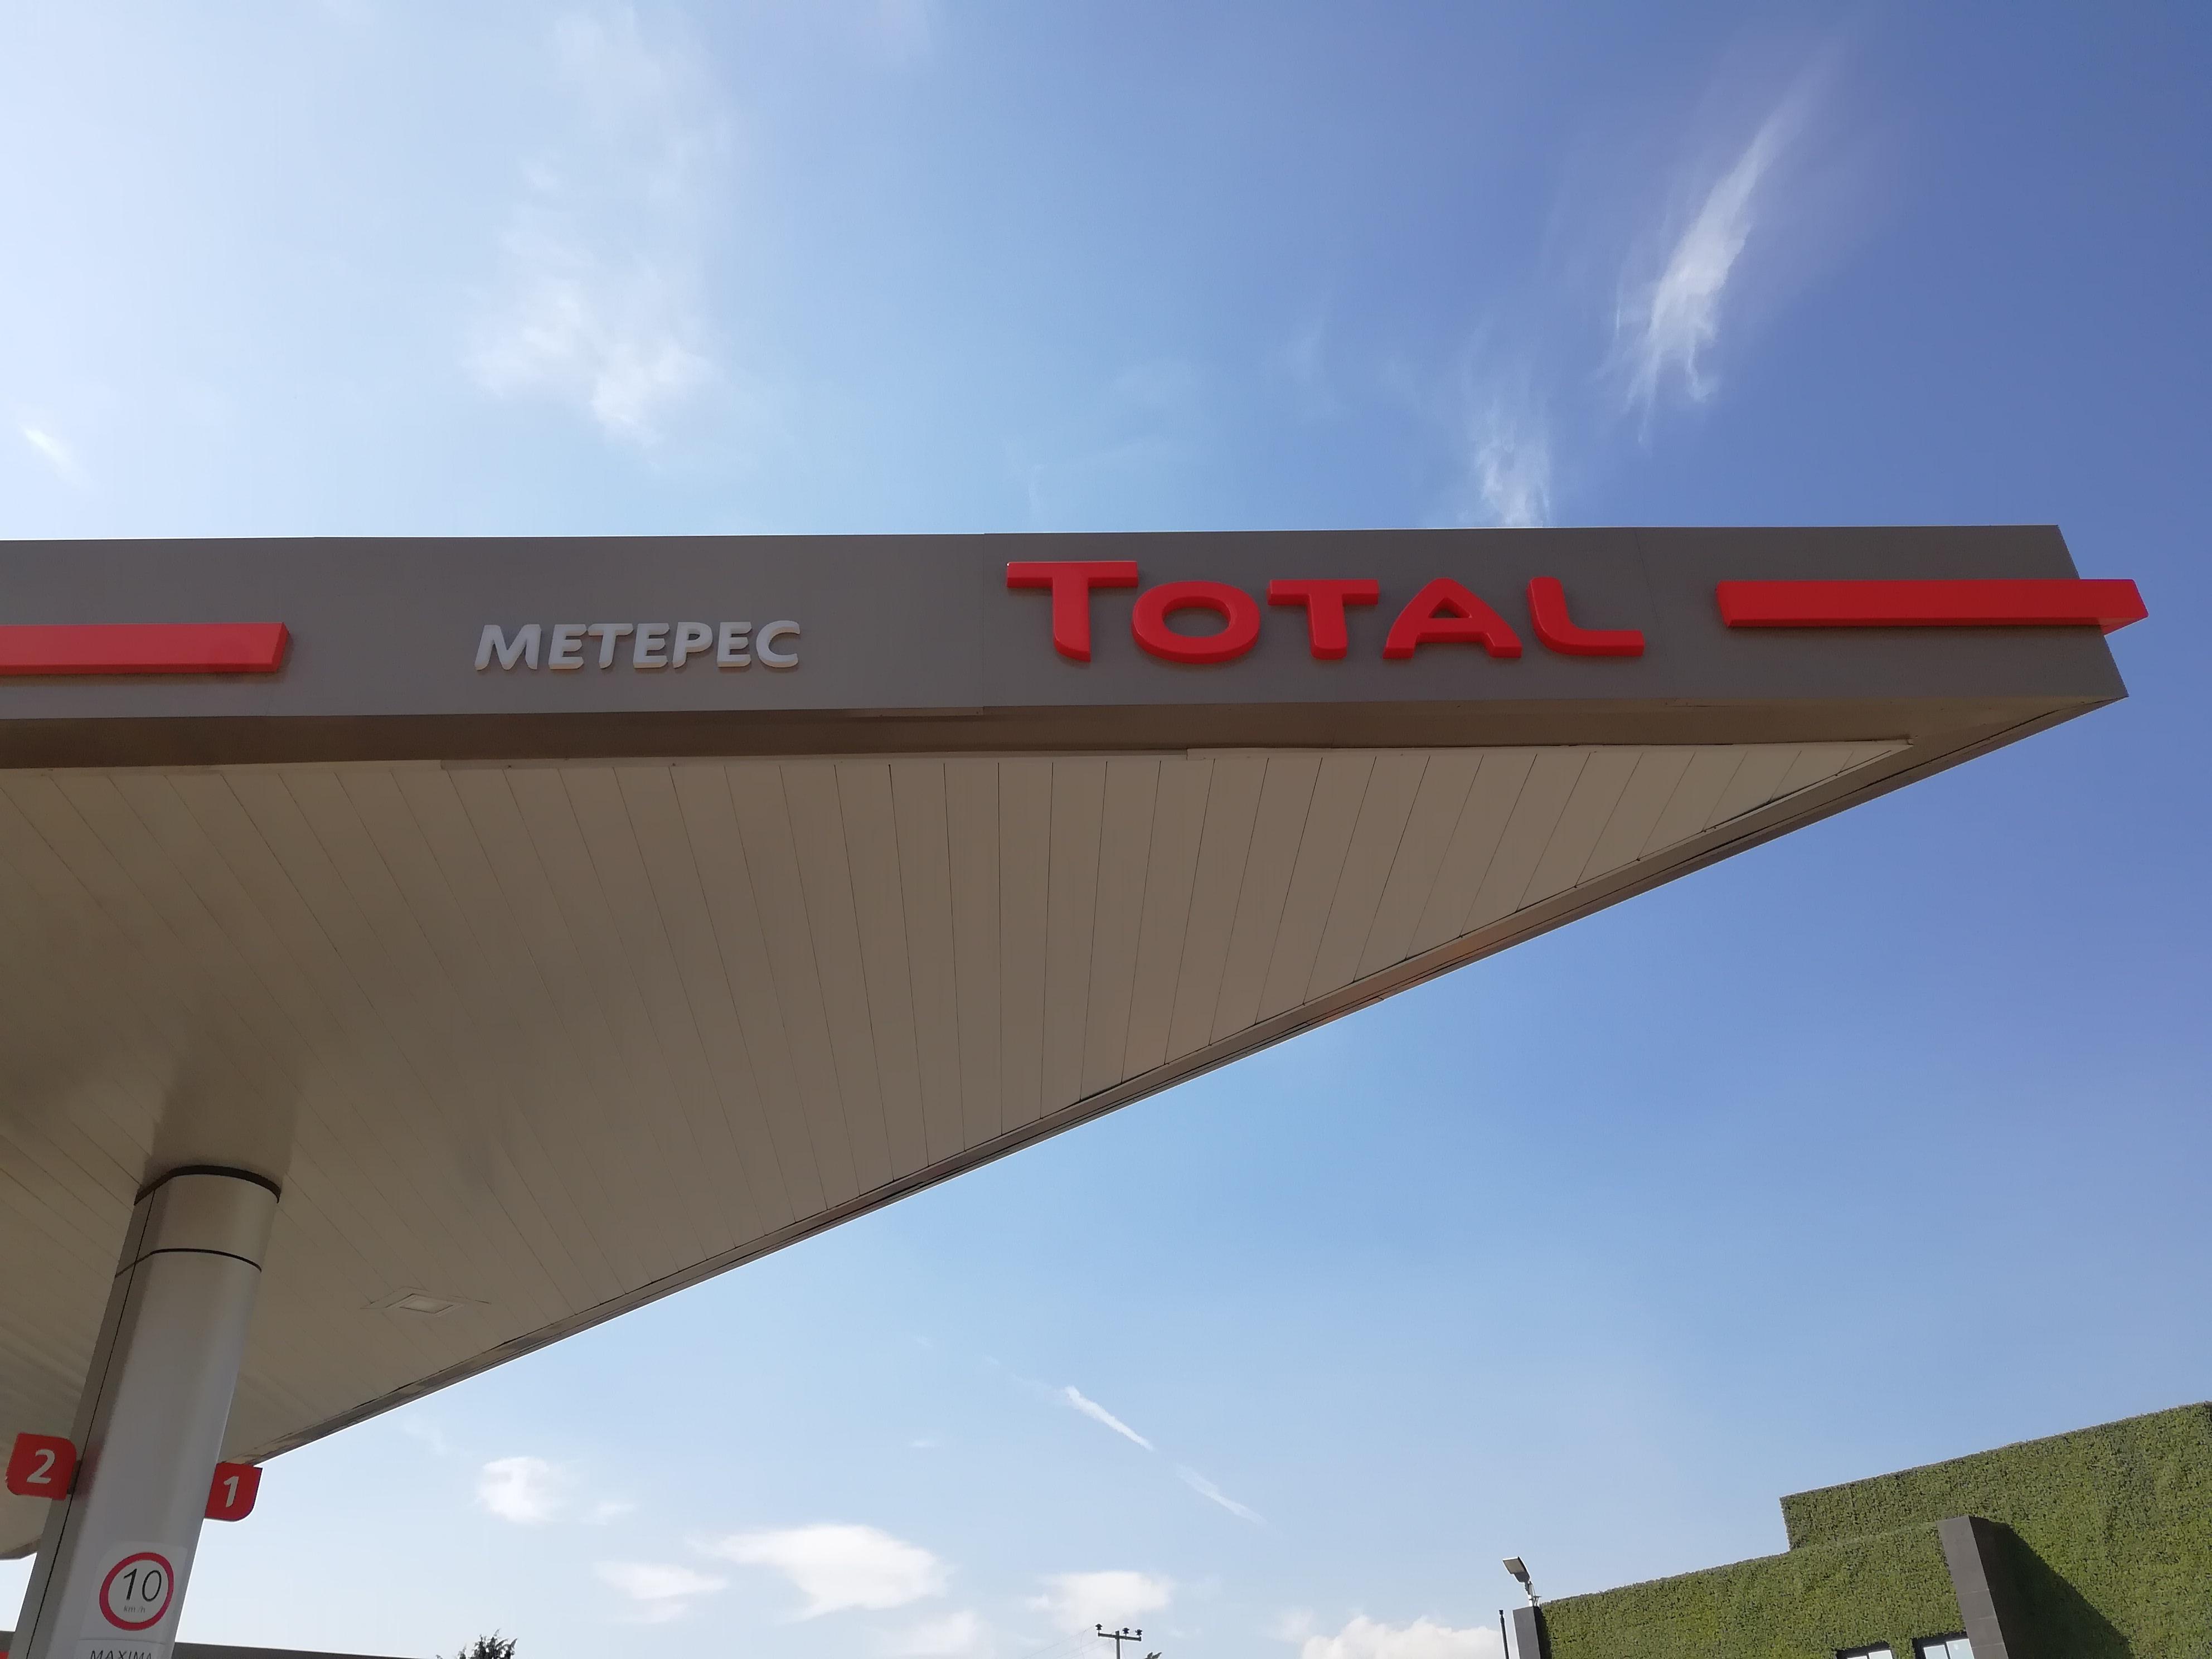 Total abrirá 100 gasolineras durante este año